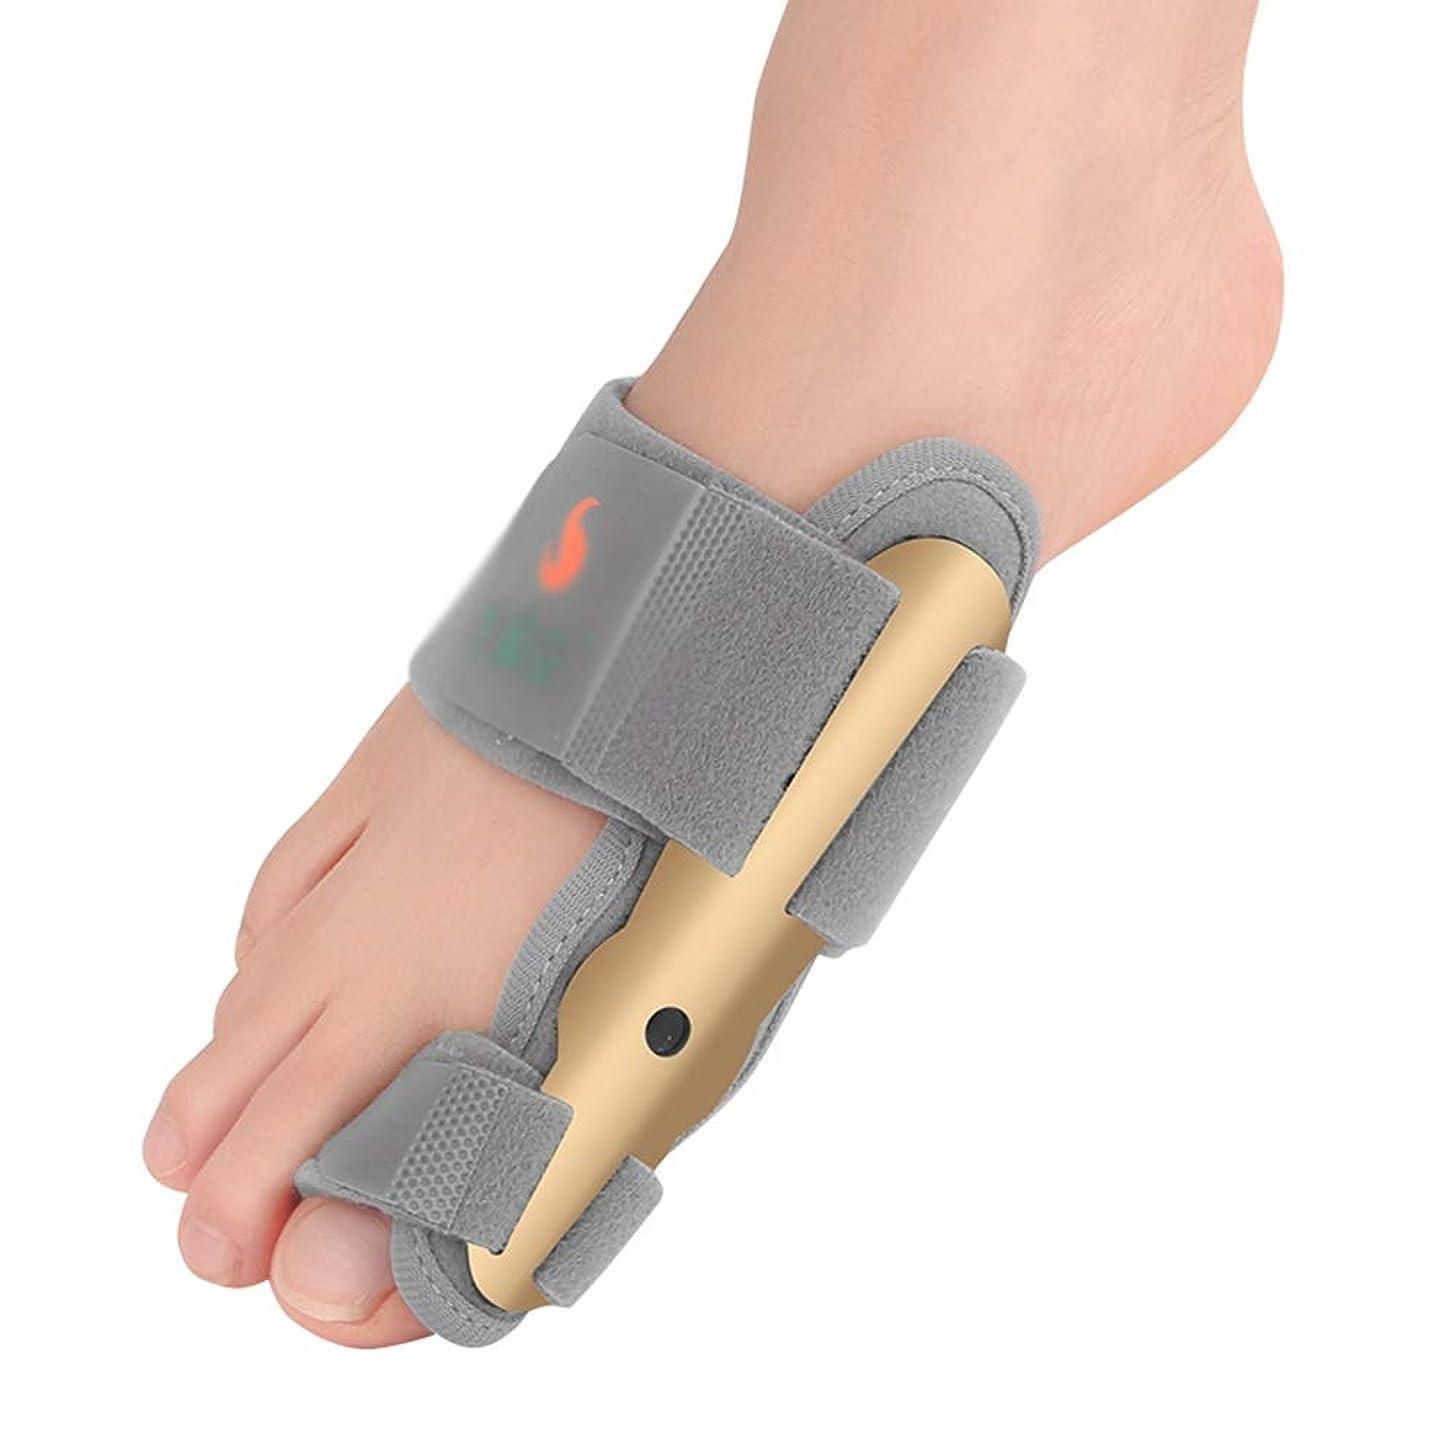 アドバンテージ薄い宙返り足指矯正腱膜炎スプリントレリーフ痛み外反母趾分離器ユニセックス左右両用ユニバーサル